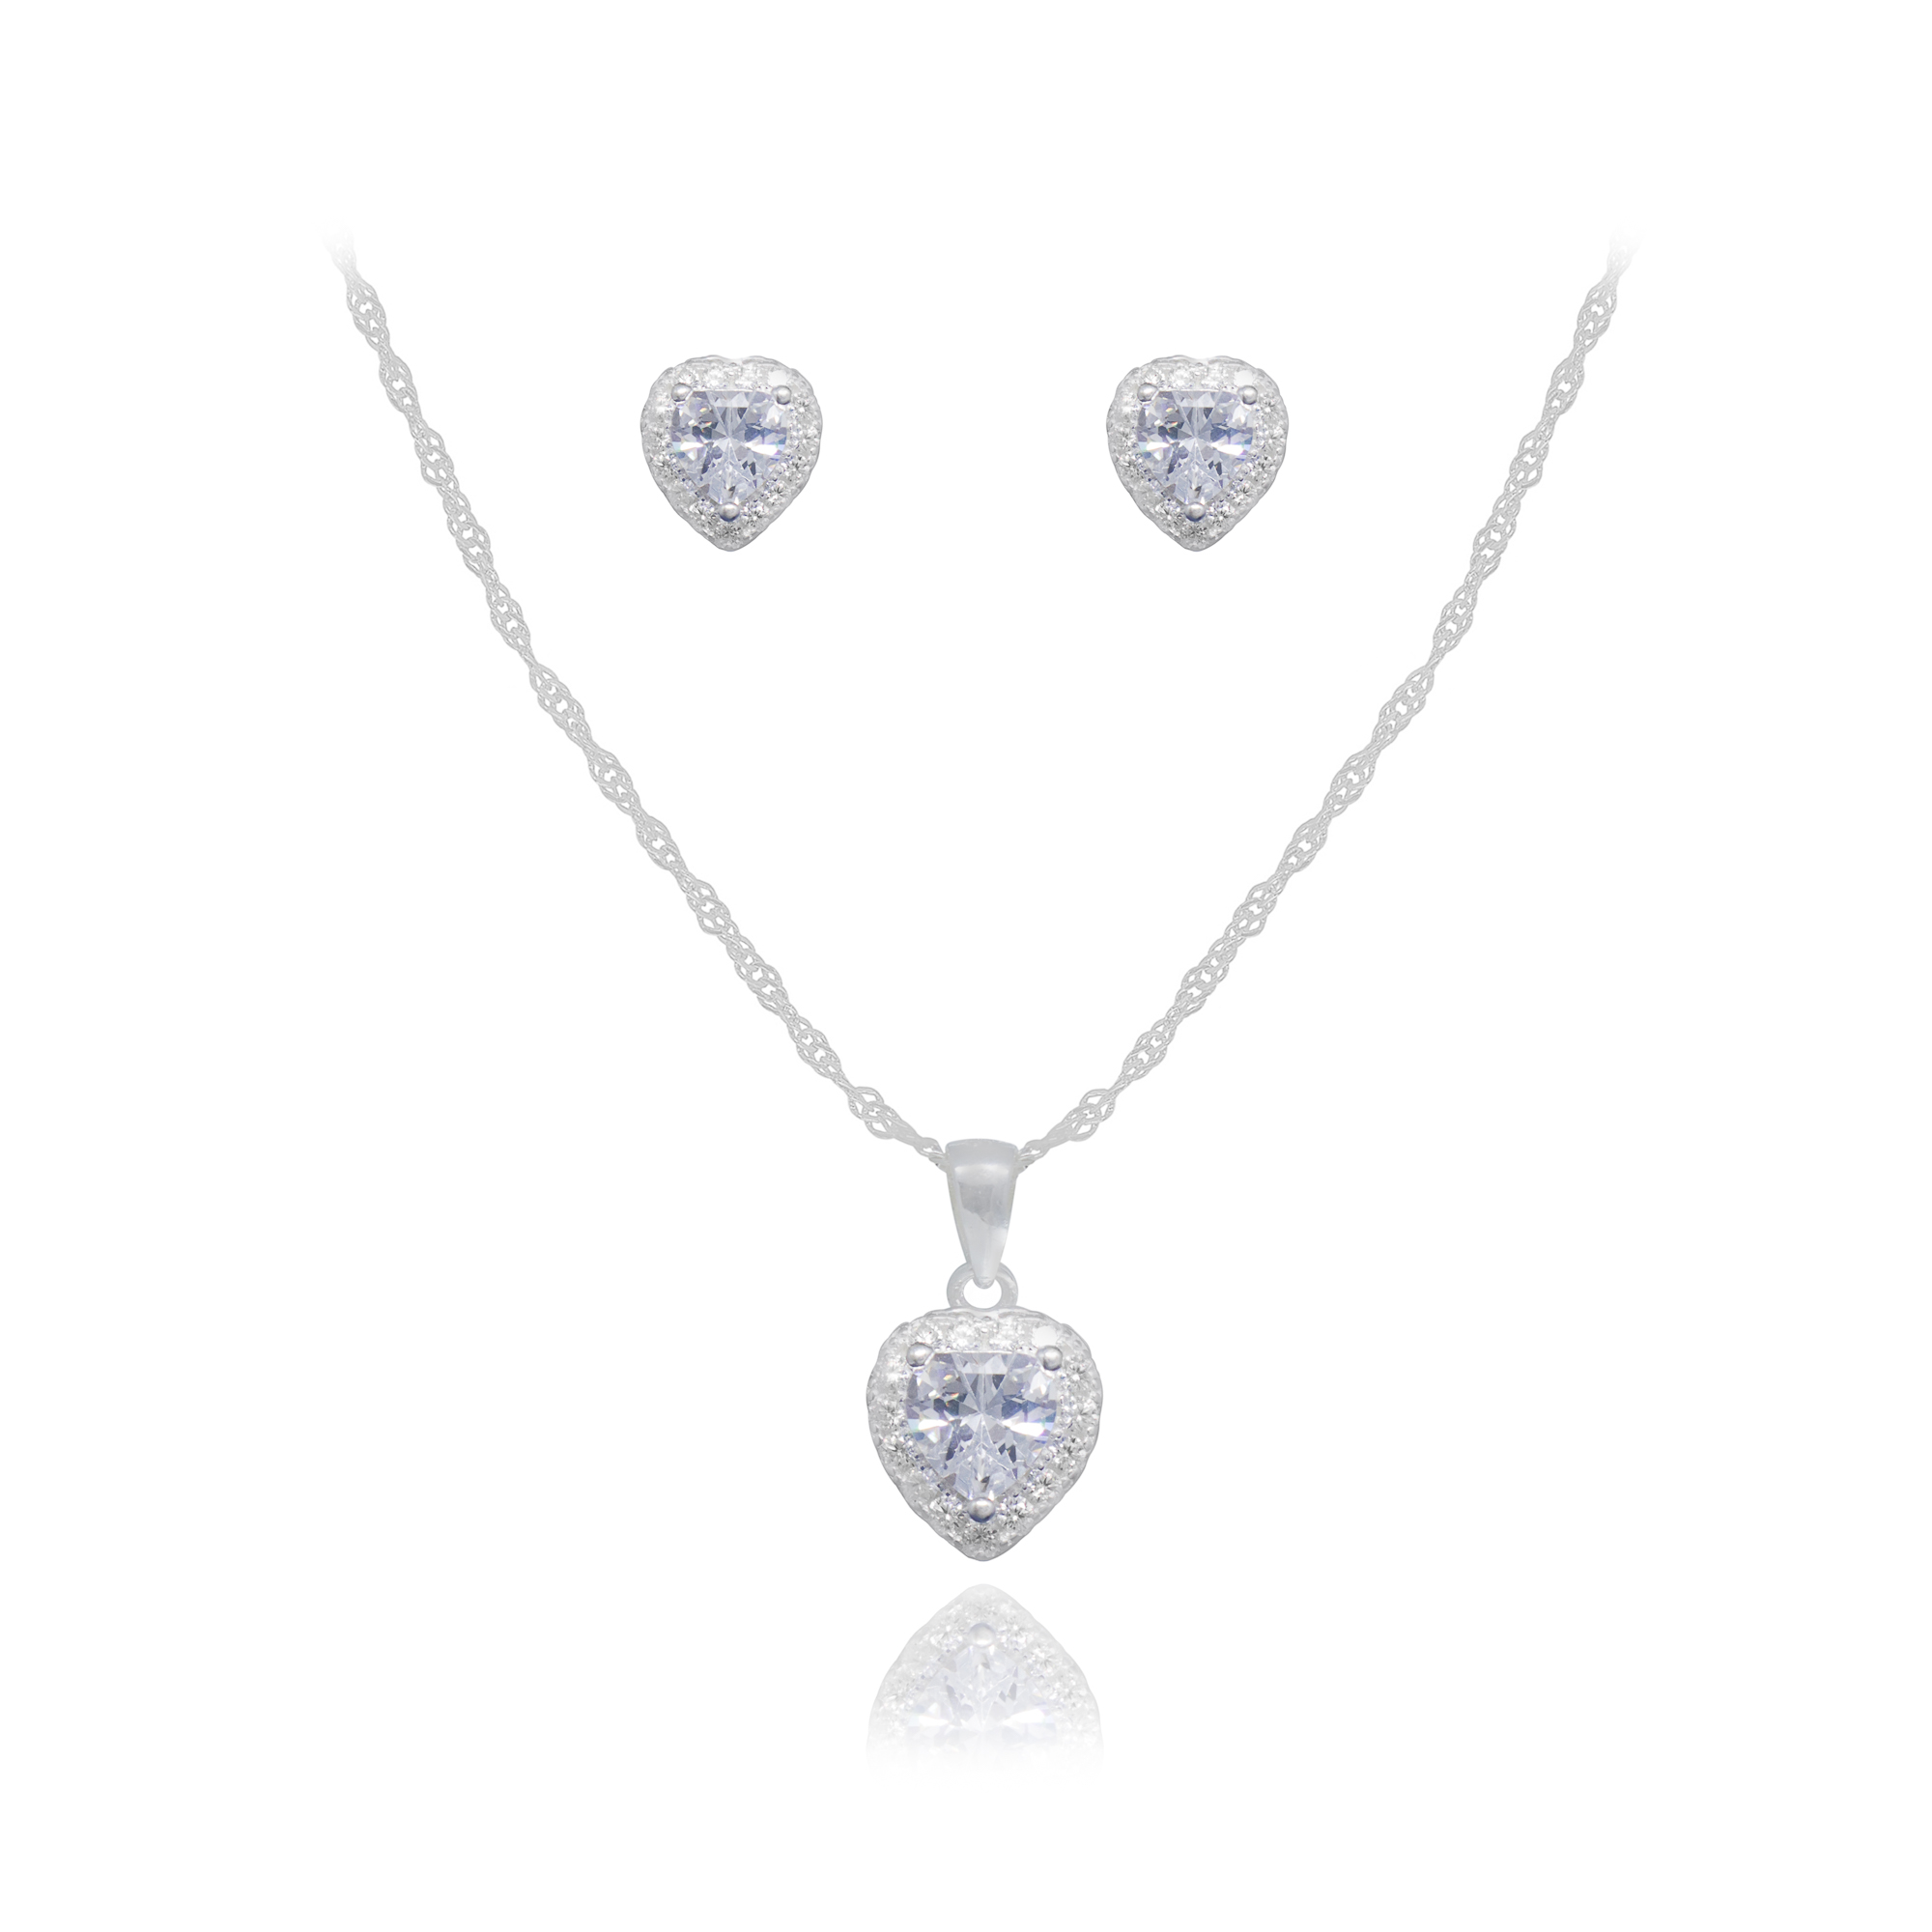 Conjunto joia em prata 925 pura e zircônia Coração